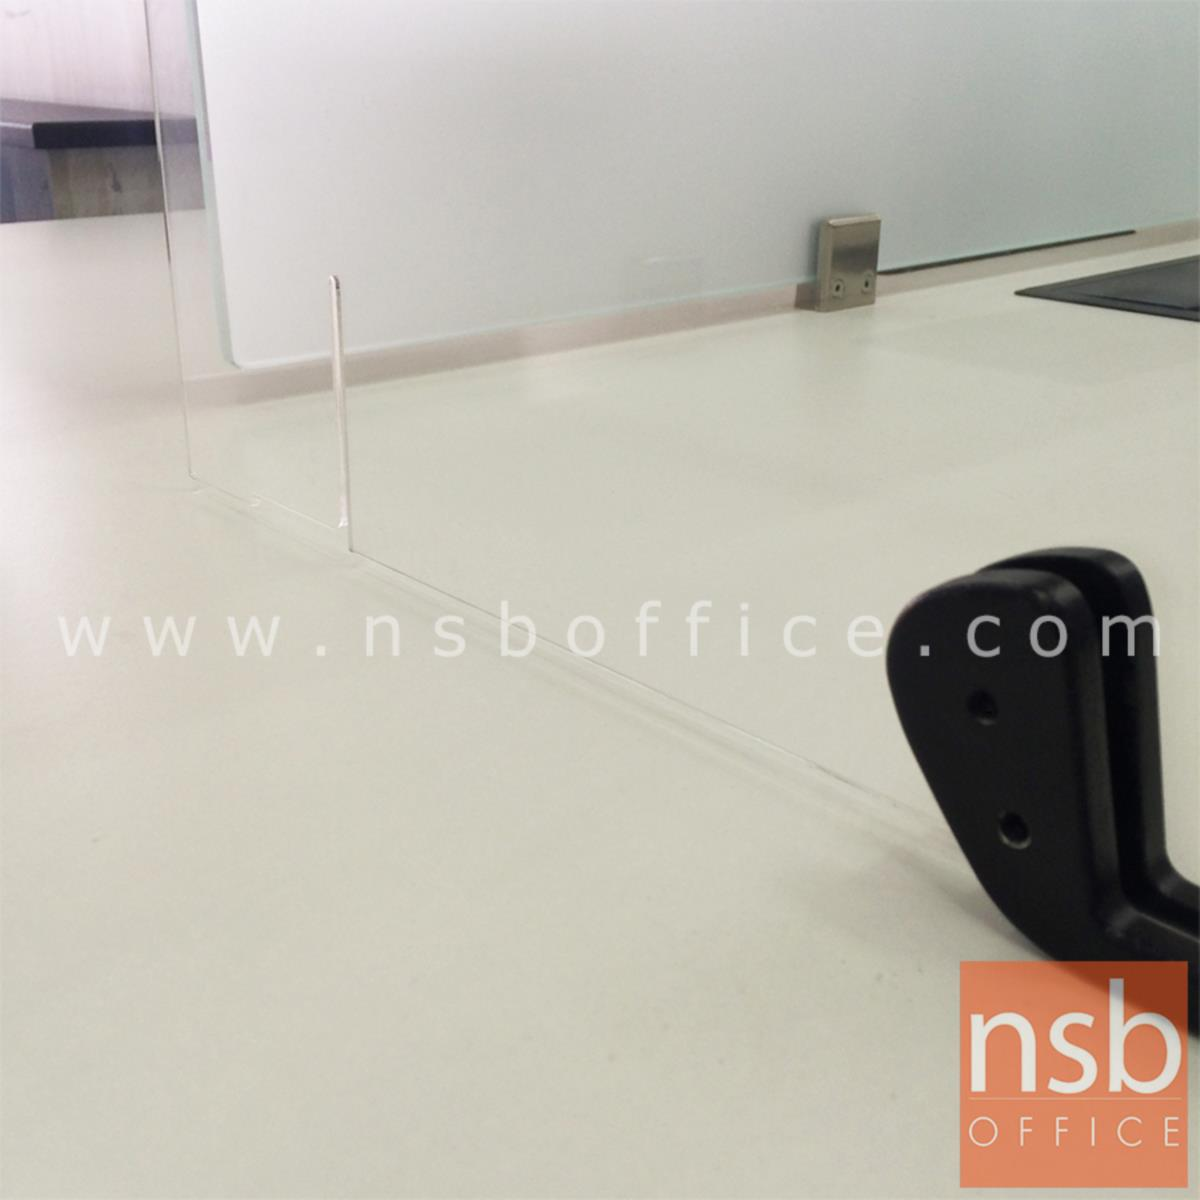 P04A040:มินิสกรีนอะคริลิค รุ่นหนีบข้างโต๊ะ รุ่น safe (สูง 30H และ 45H cm)